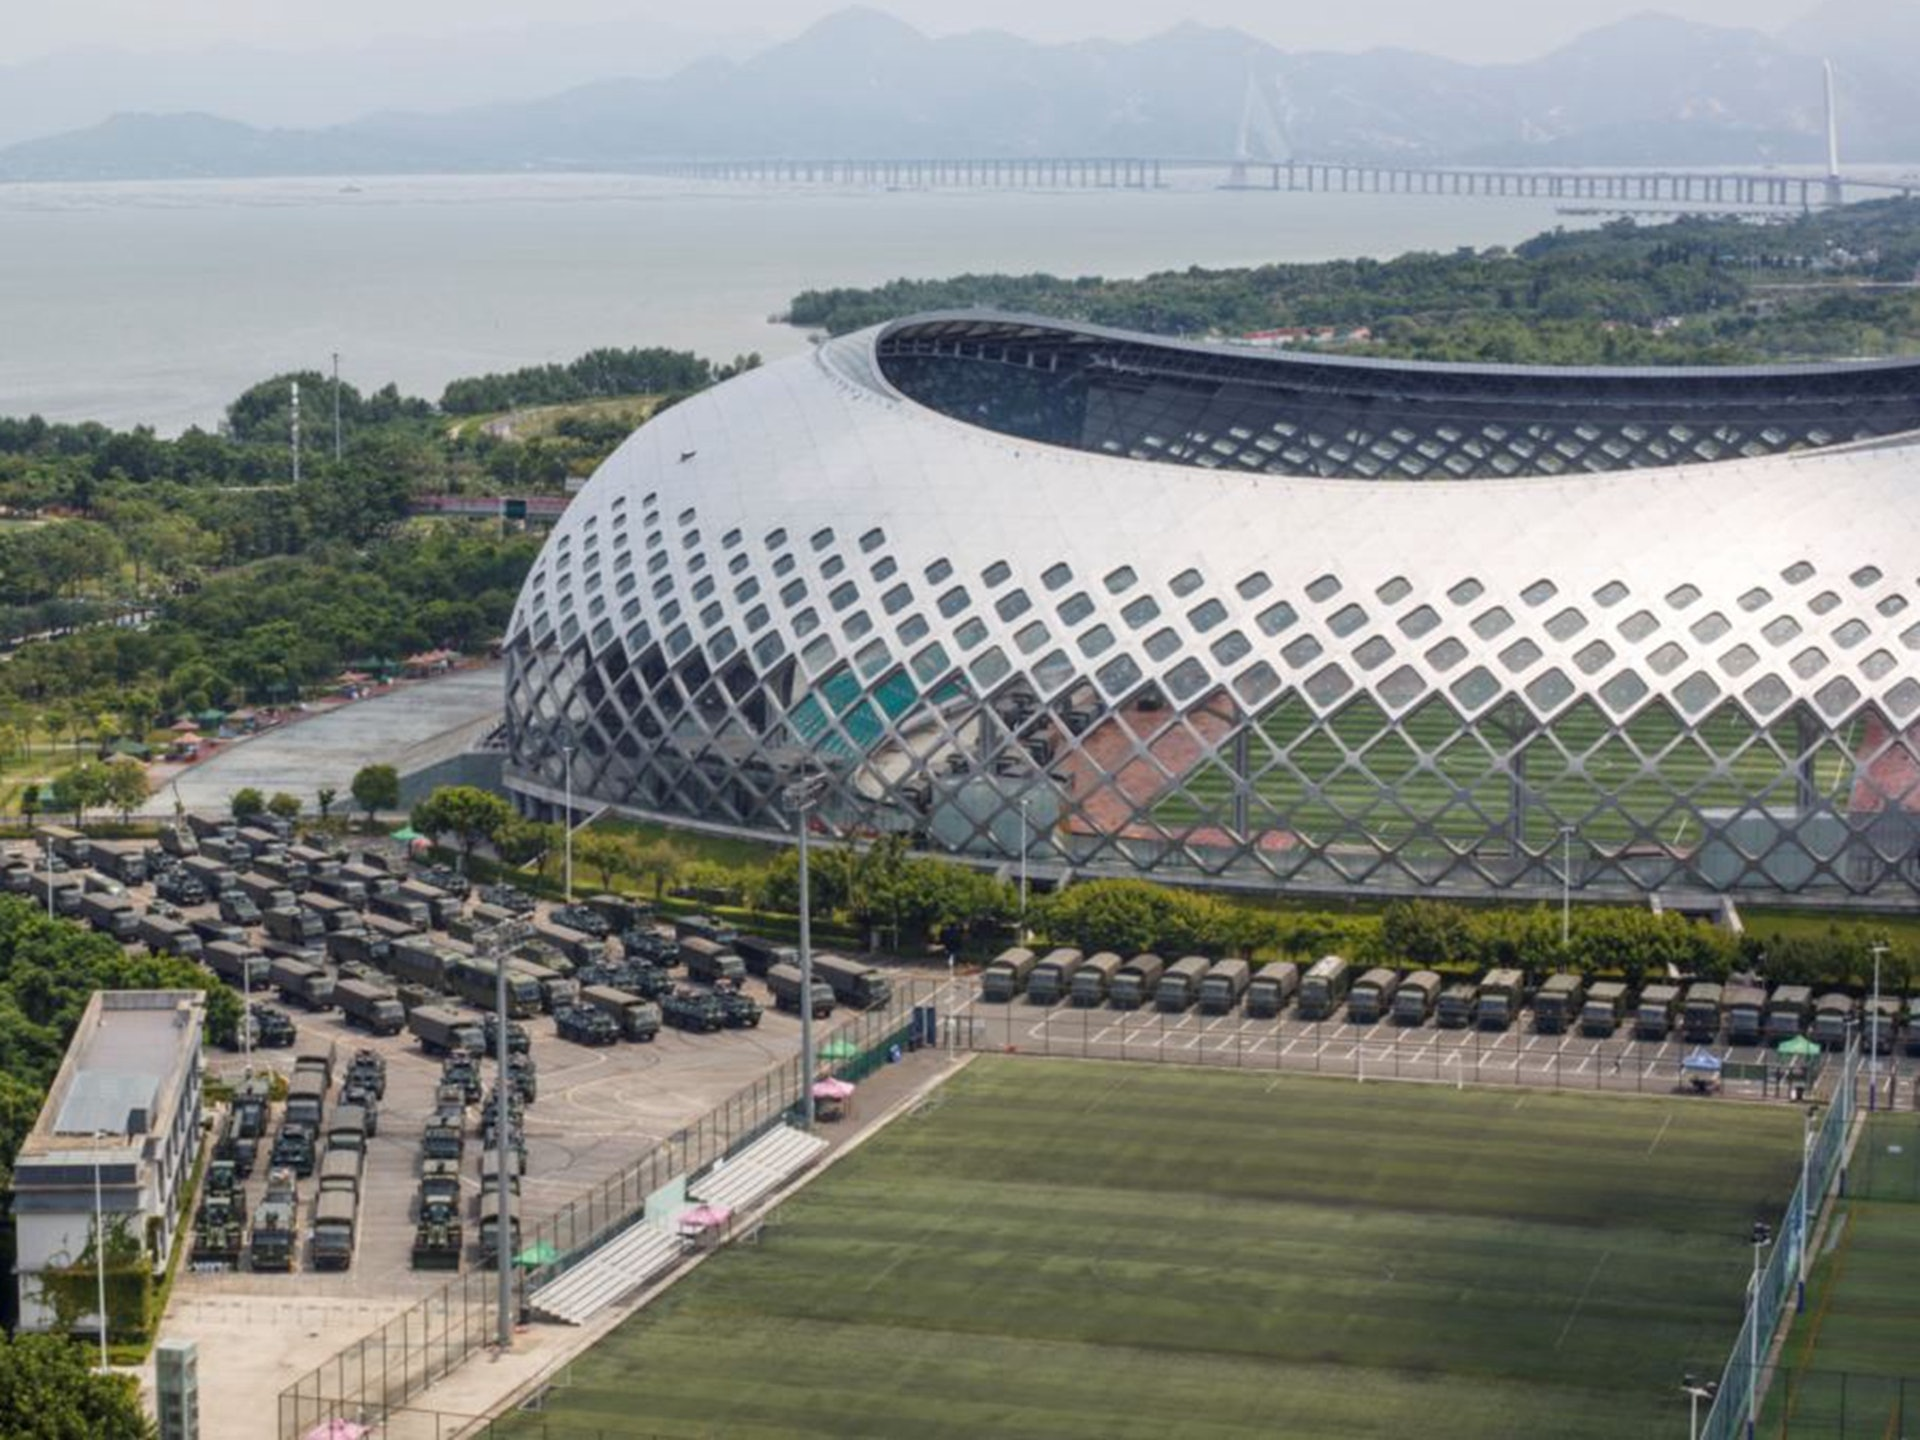 2019年8月15日,卡车和装甲运兵车停在深圳湾体育馆外。(路透社)